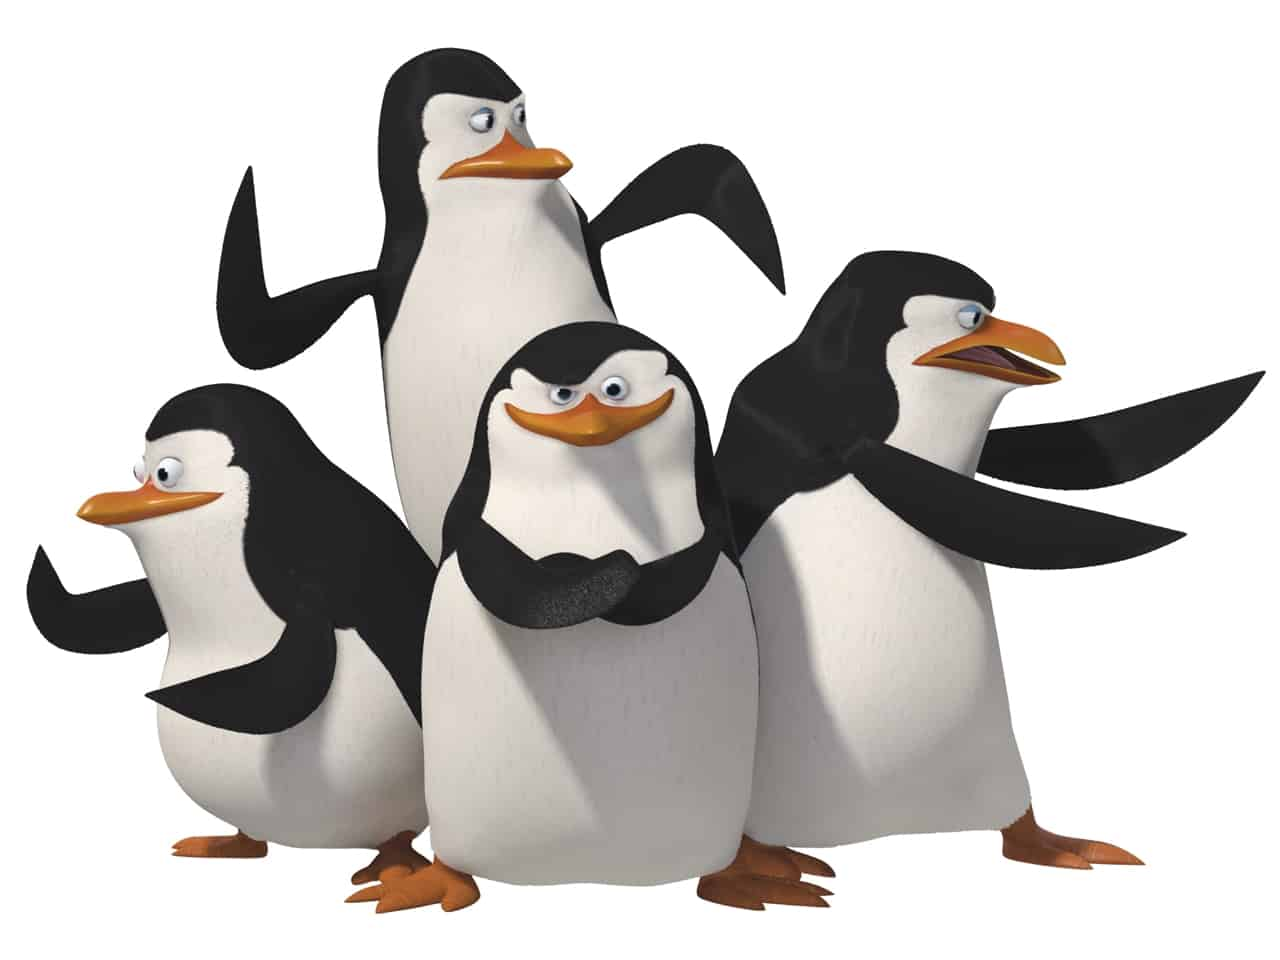 Penguin 4.0 en tiempo real